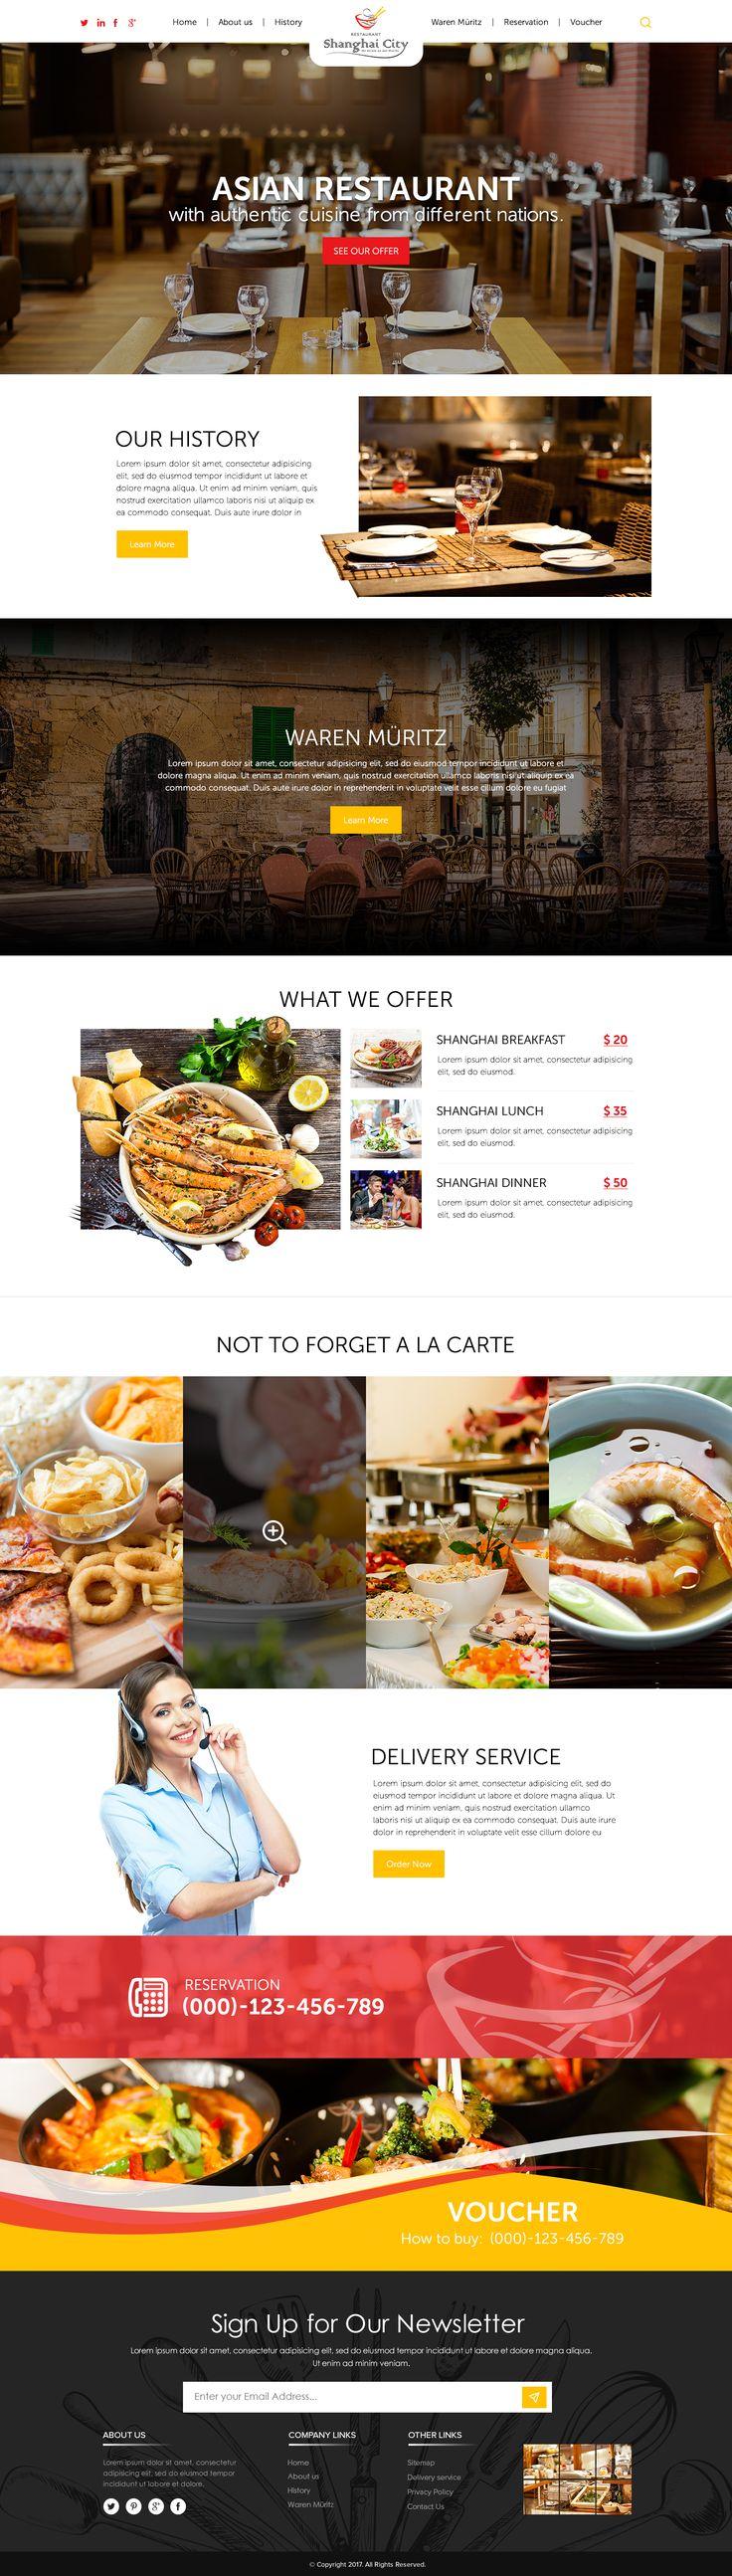 Restaurant-Shanghai-City